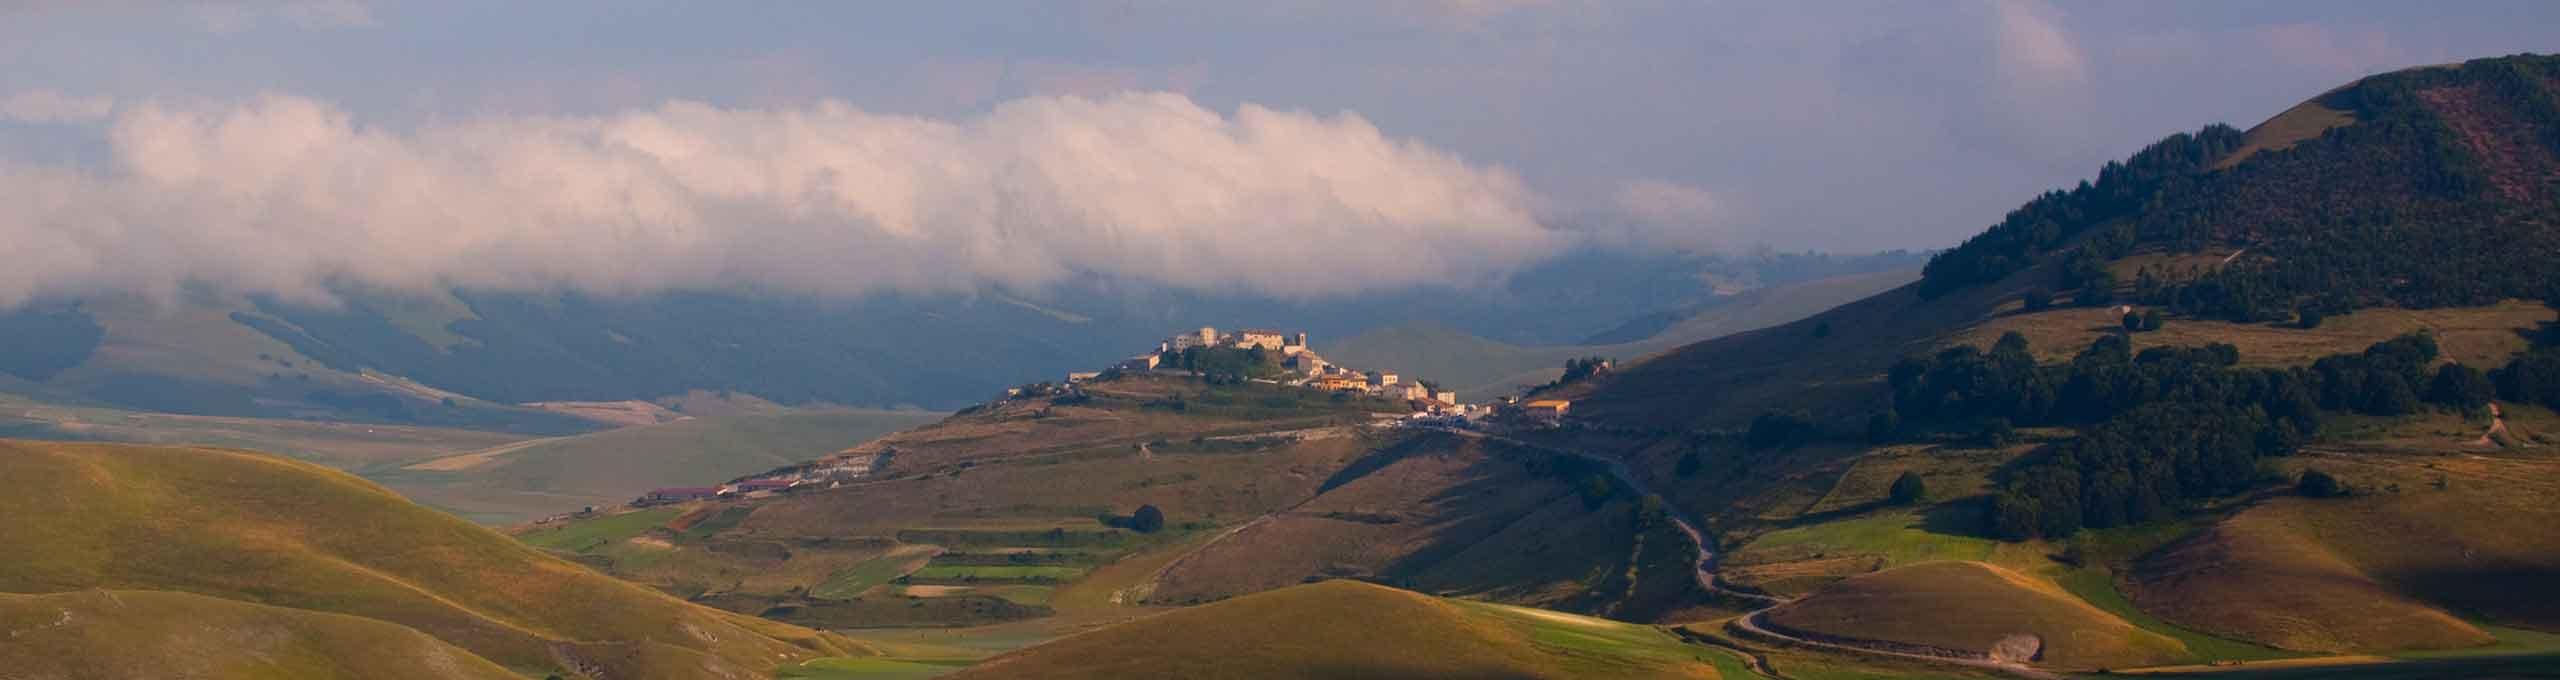 Castelsantangelo sul Nera, Parco Nazionale dei Monti Sibillini